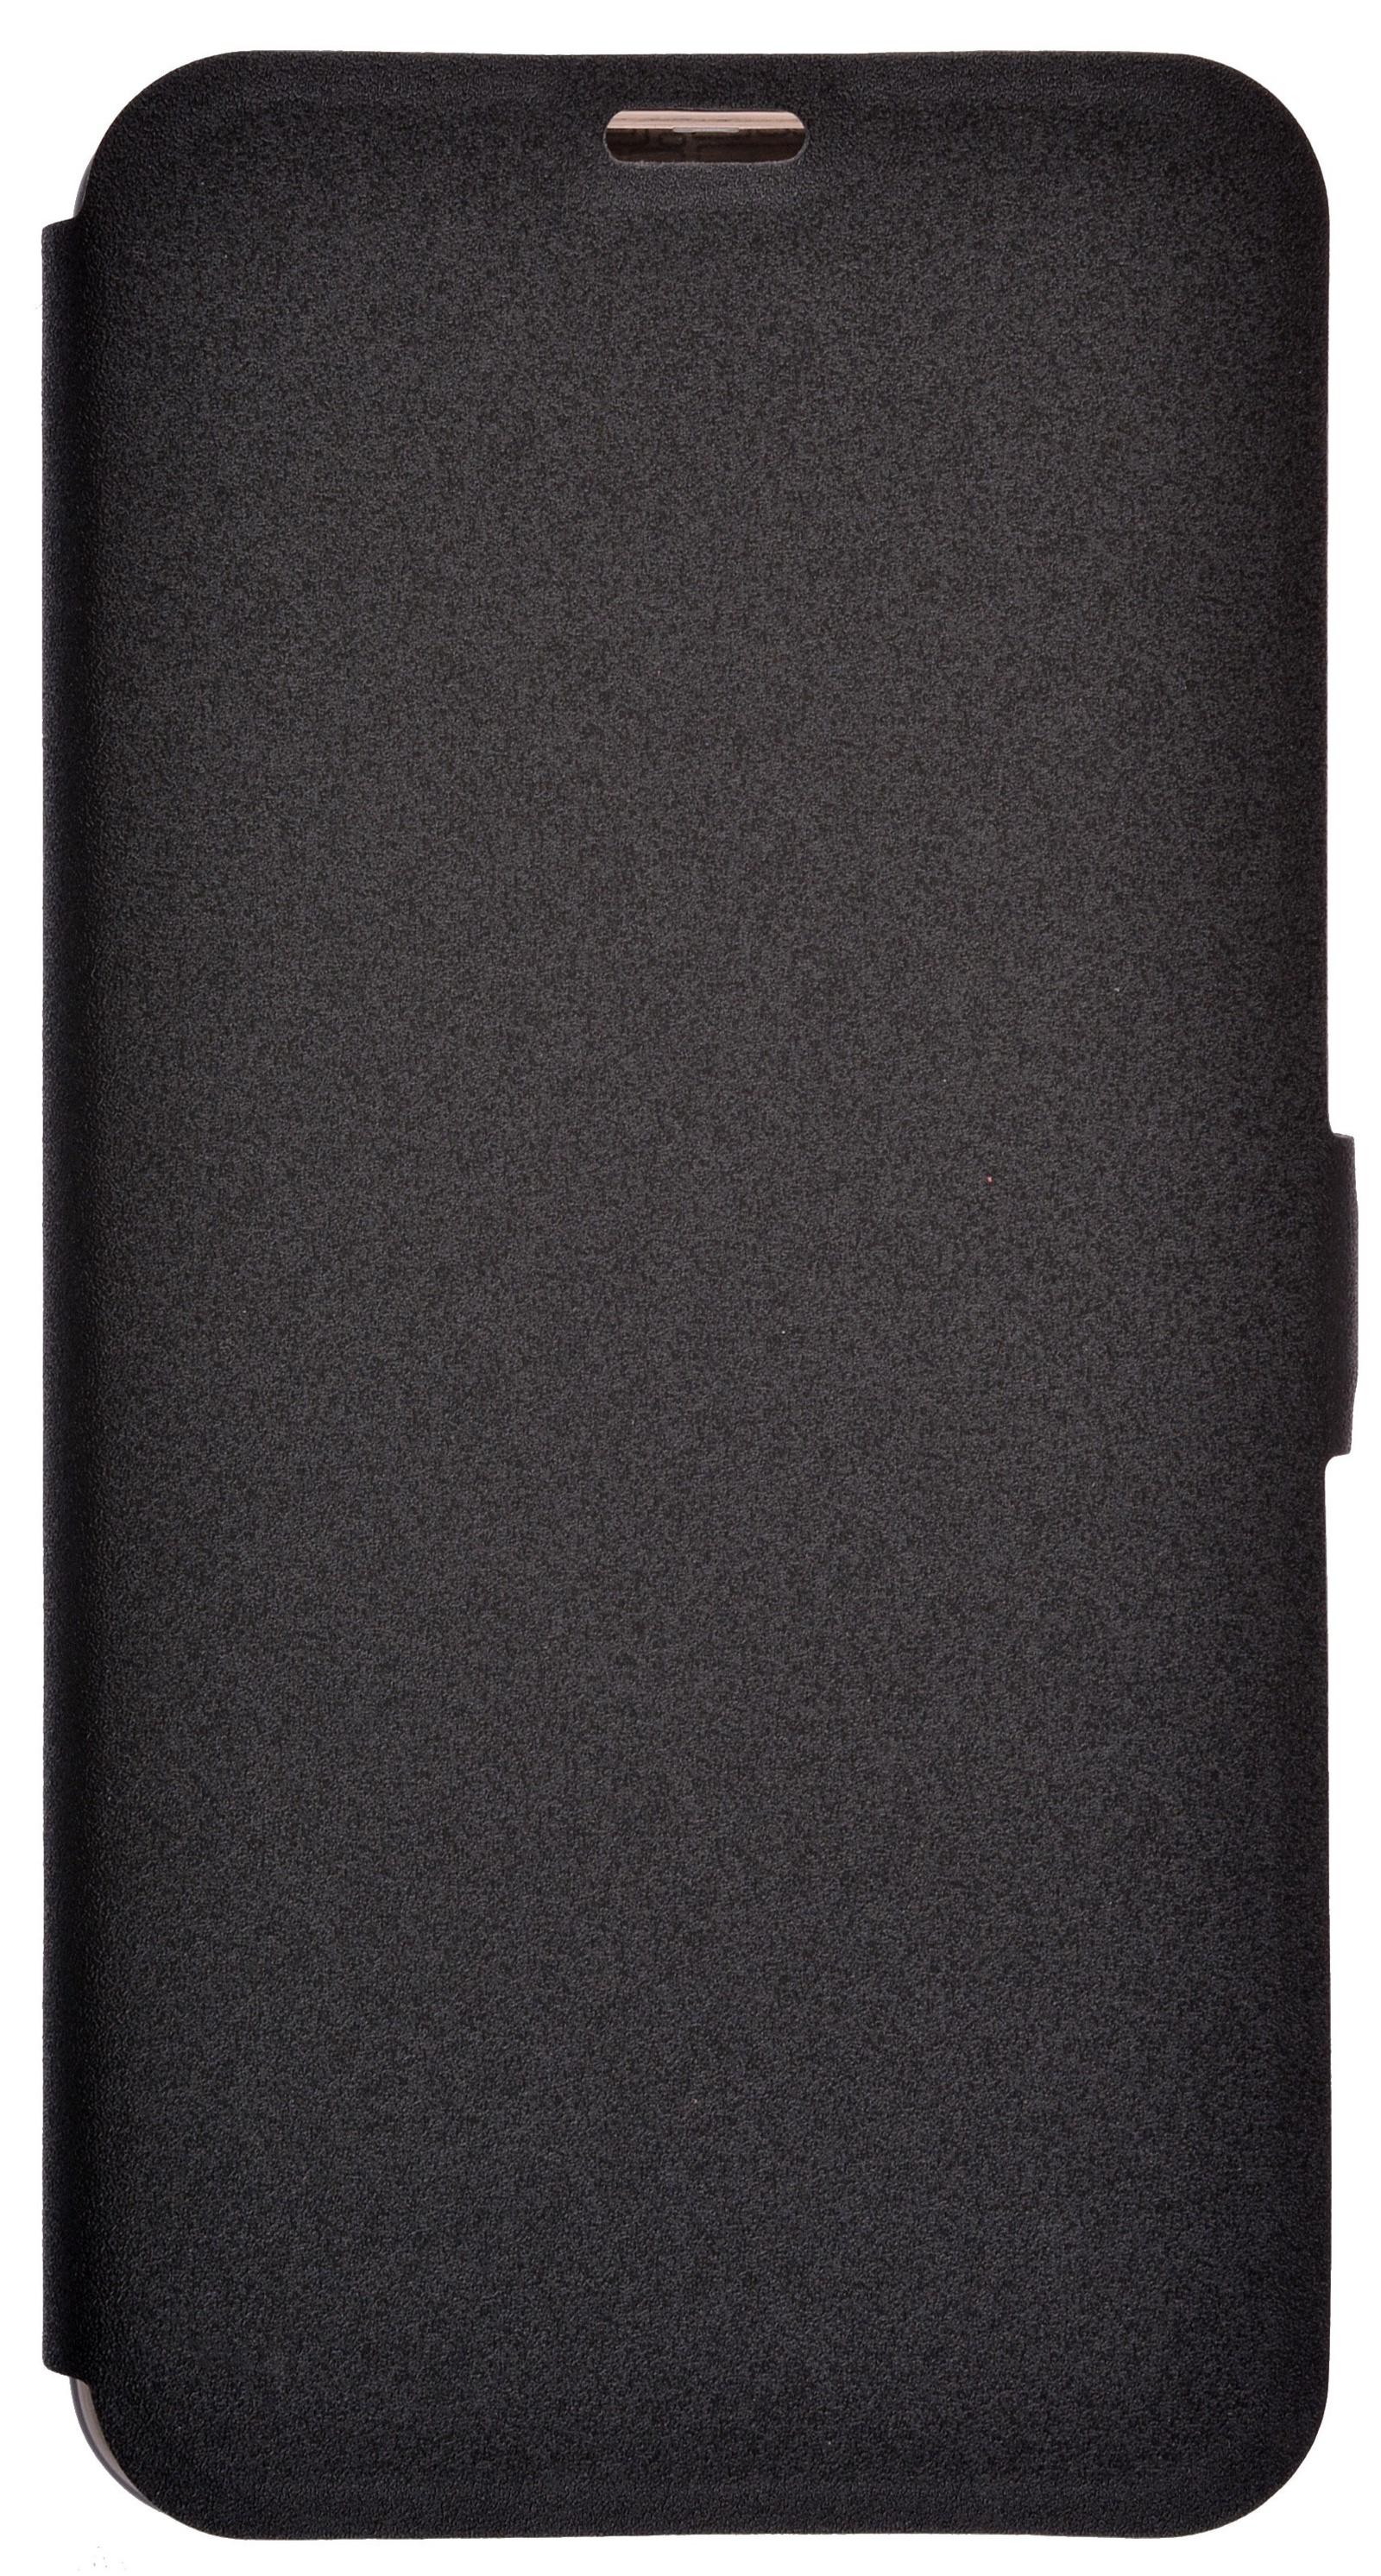 Чехол для сотового телефона PRIME Book, 4630042529151, черный prime book чехол книжка для meizu m5c red